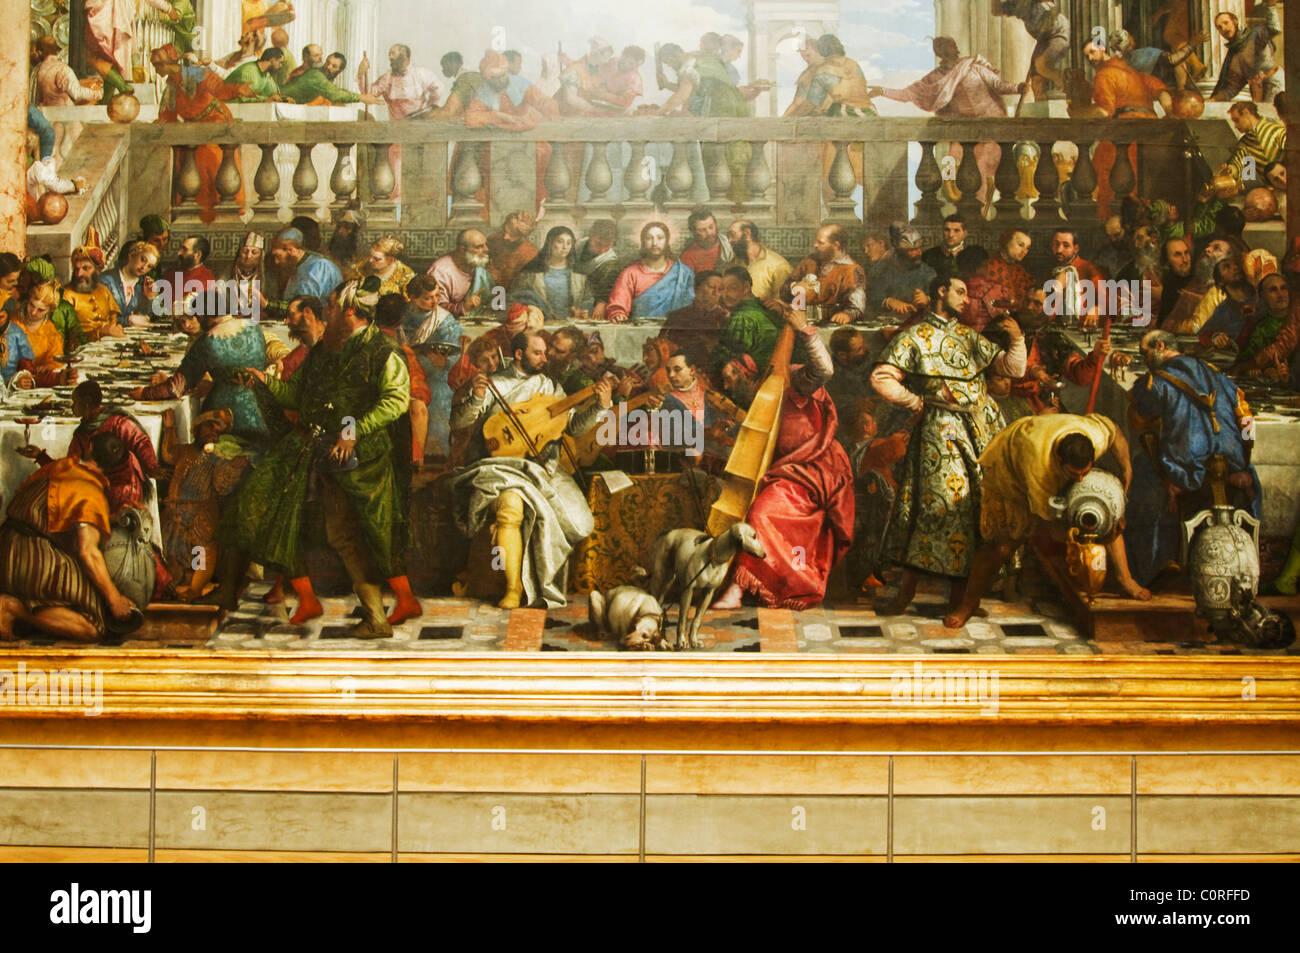 La Peinture De La Cene Dans Un Musee Musee Du Louvre Paris France Photo Stock Alamy